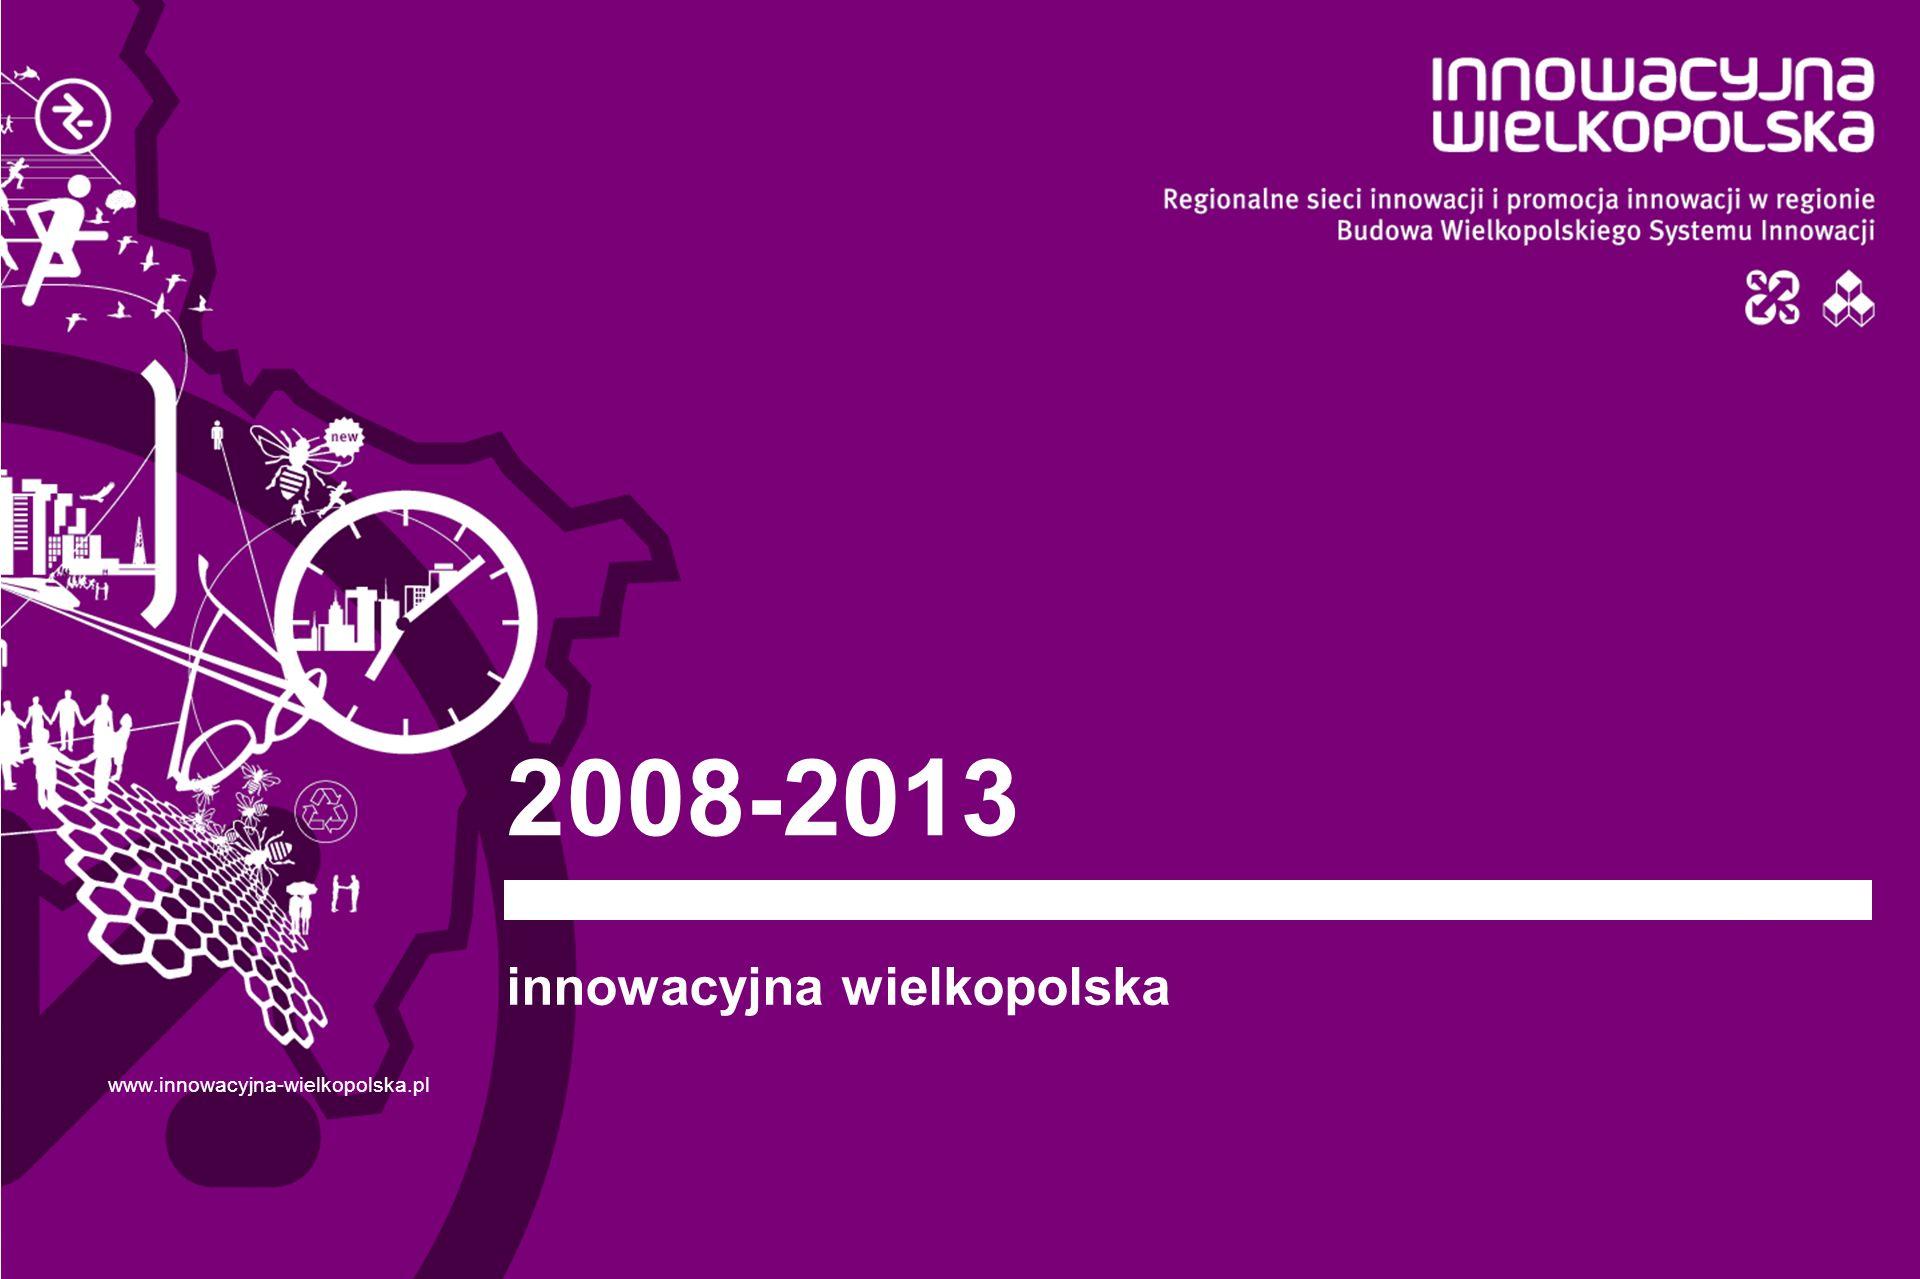 2008-2013 www.innowacyjna-wielkopolska.pl innowacyjna wielkopolska